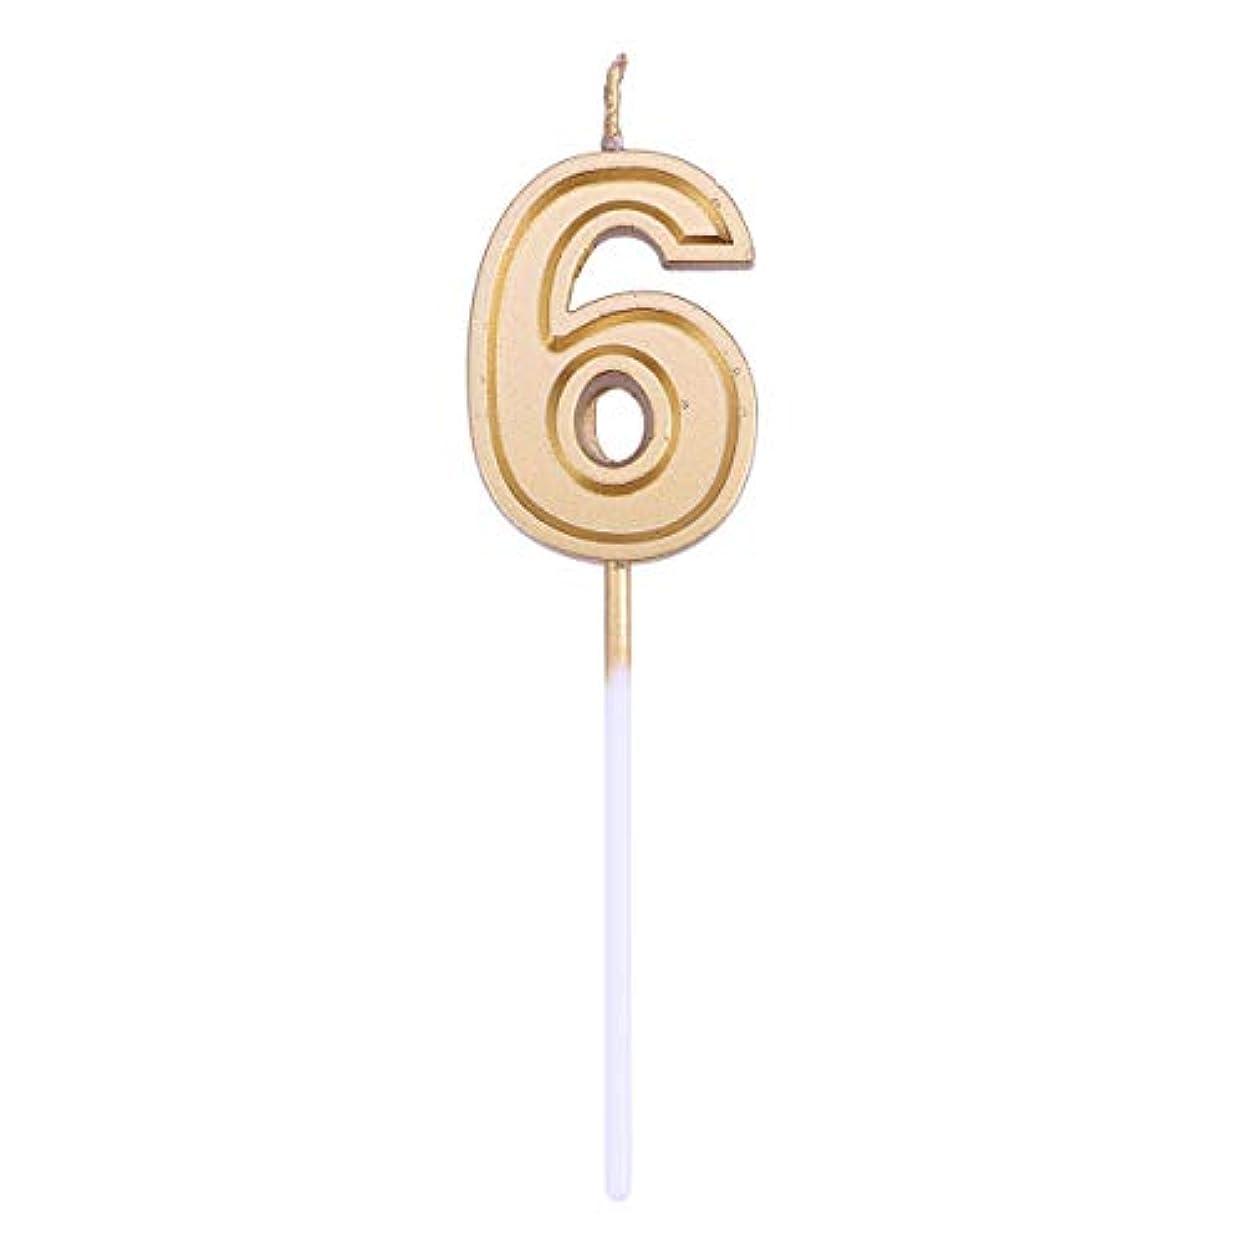 ジョガー思いやりのある引き金Toyvian ゴールドラメ誕生日おめでとう数字キャンドル番号キャンドルケーキトッパー装飾用大人キッズパーティー(番号6)